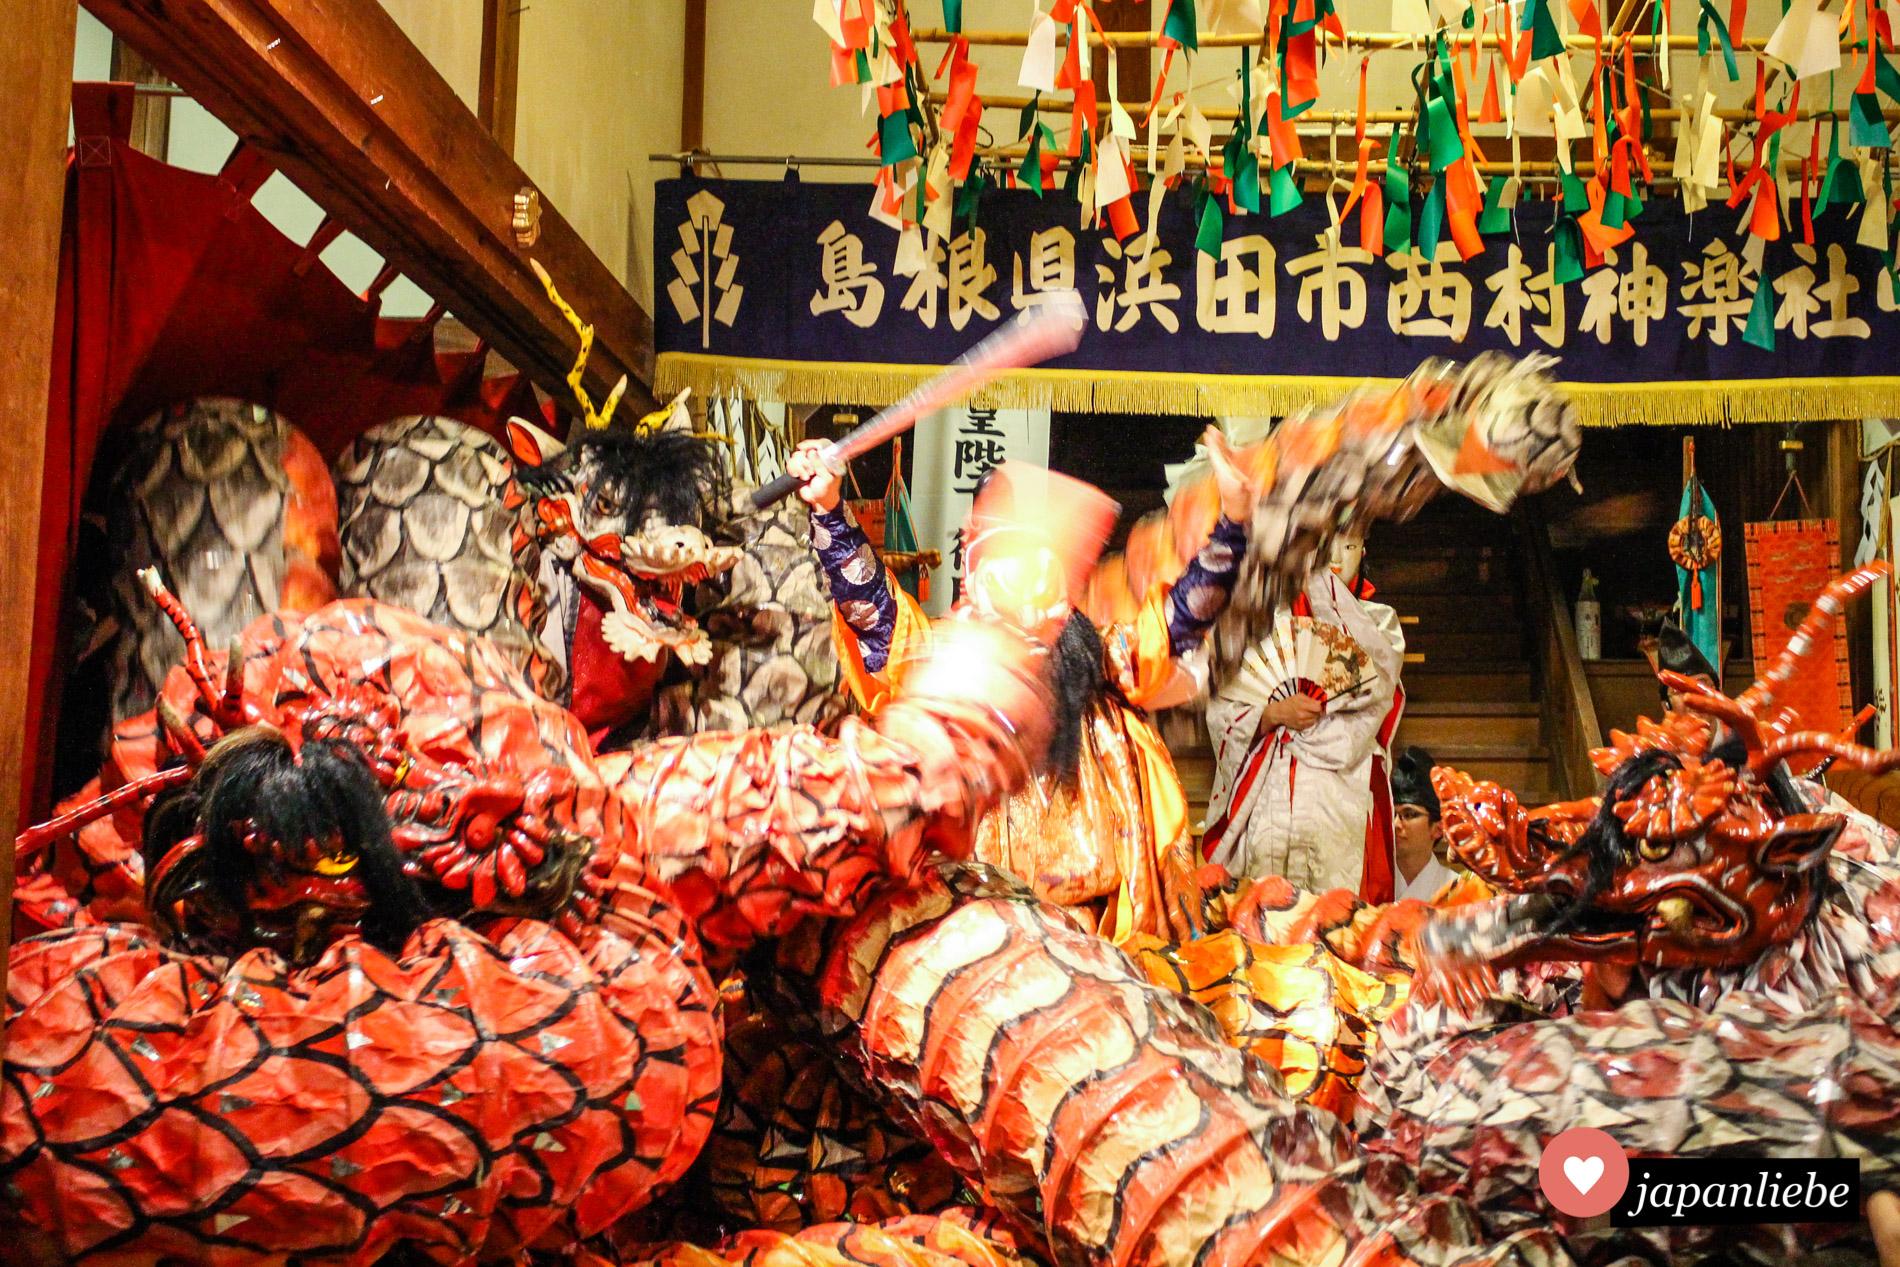 Der Kampf von Susanoo gegen den achtköpfigen Drachen Yamato-no-Orochi ist wild.